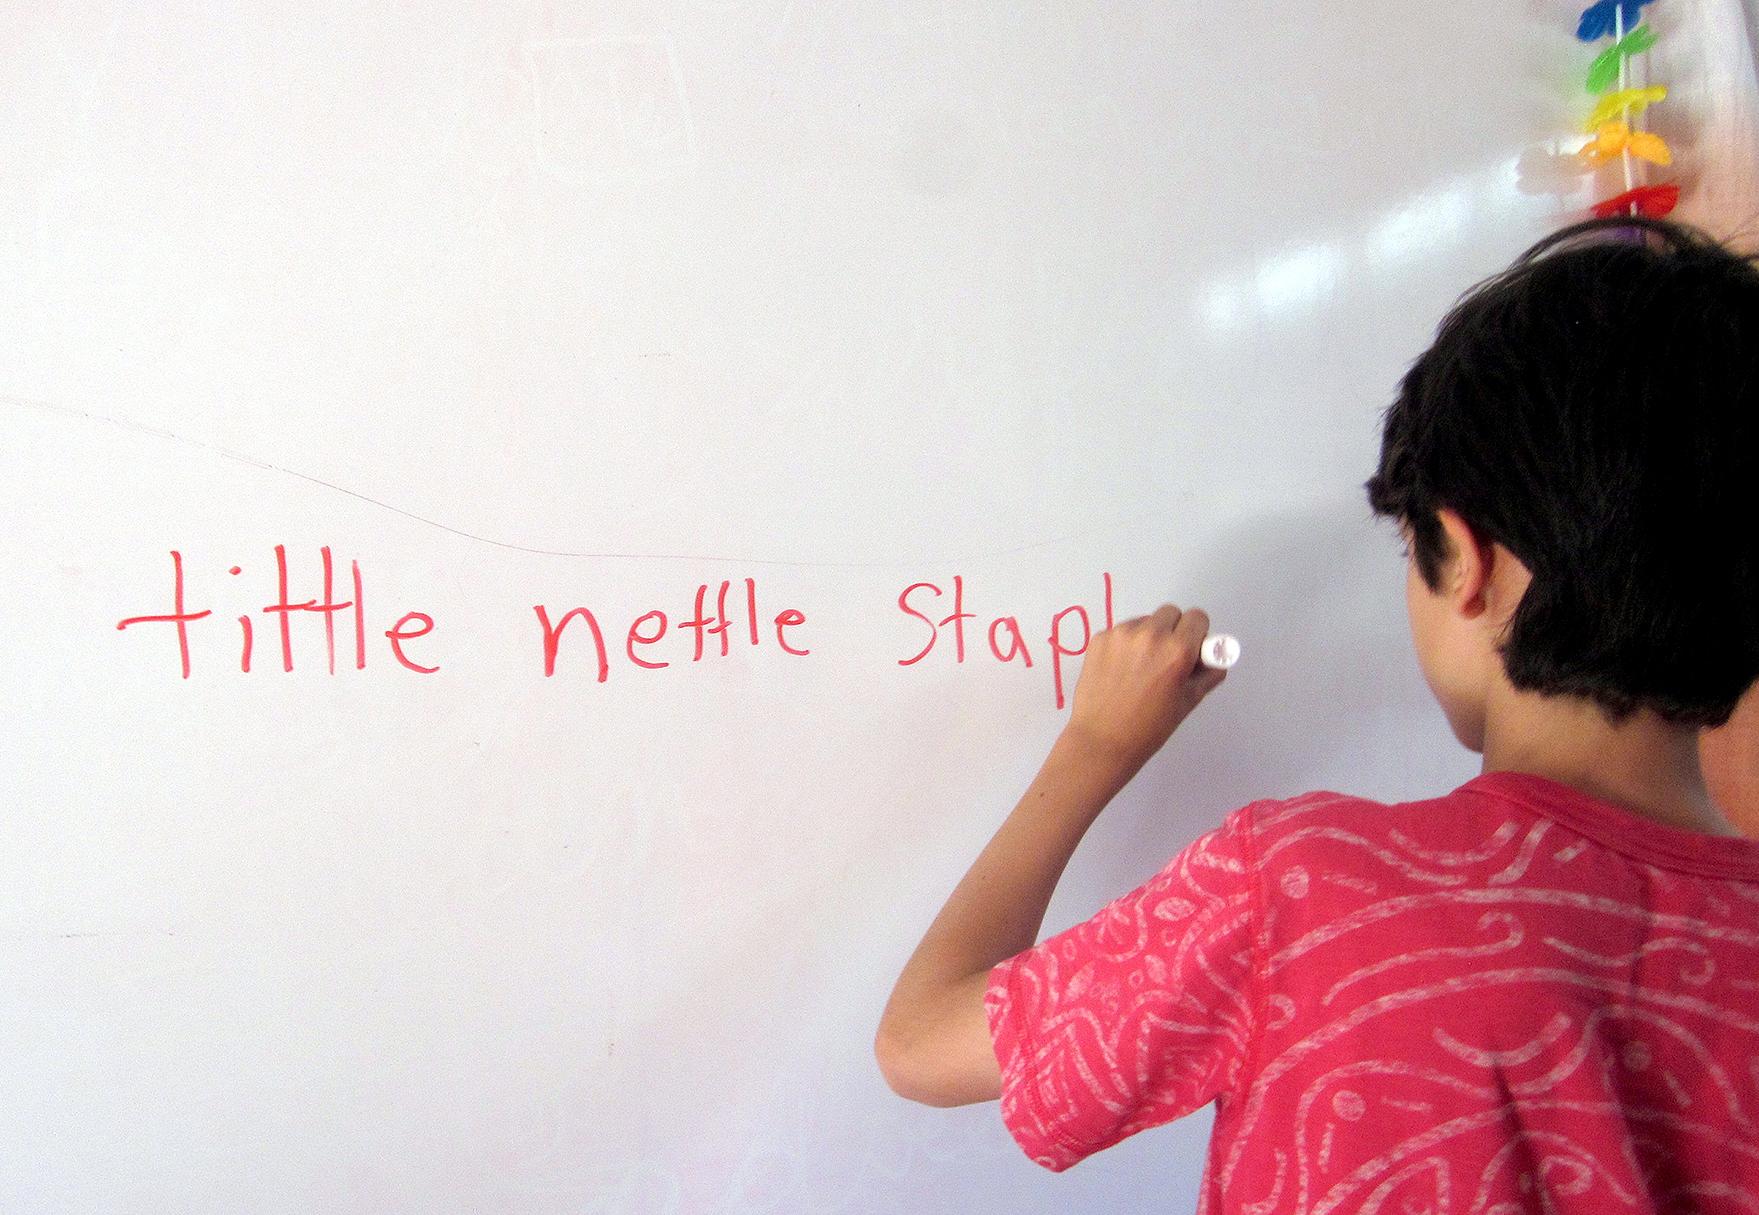 Photo: Dyslexia Camp, Writing On White Board